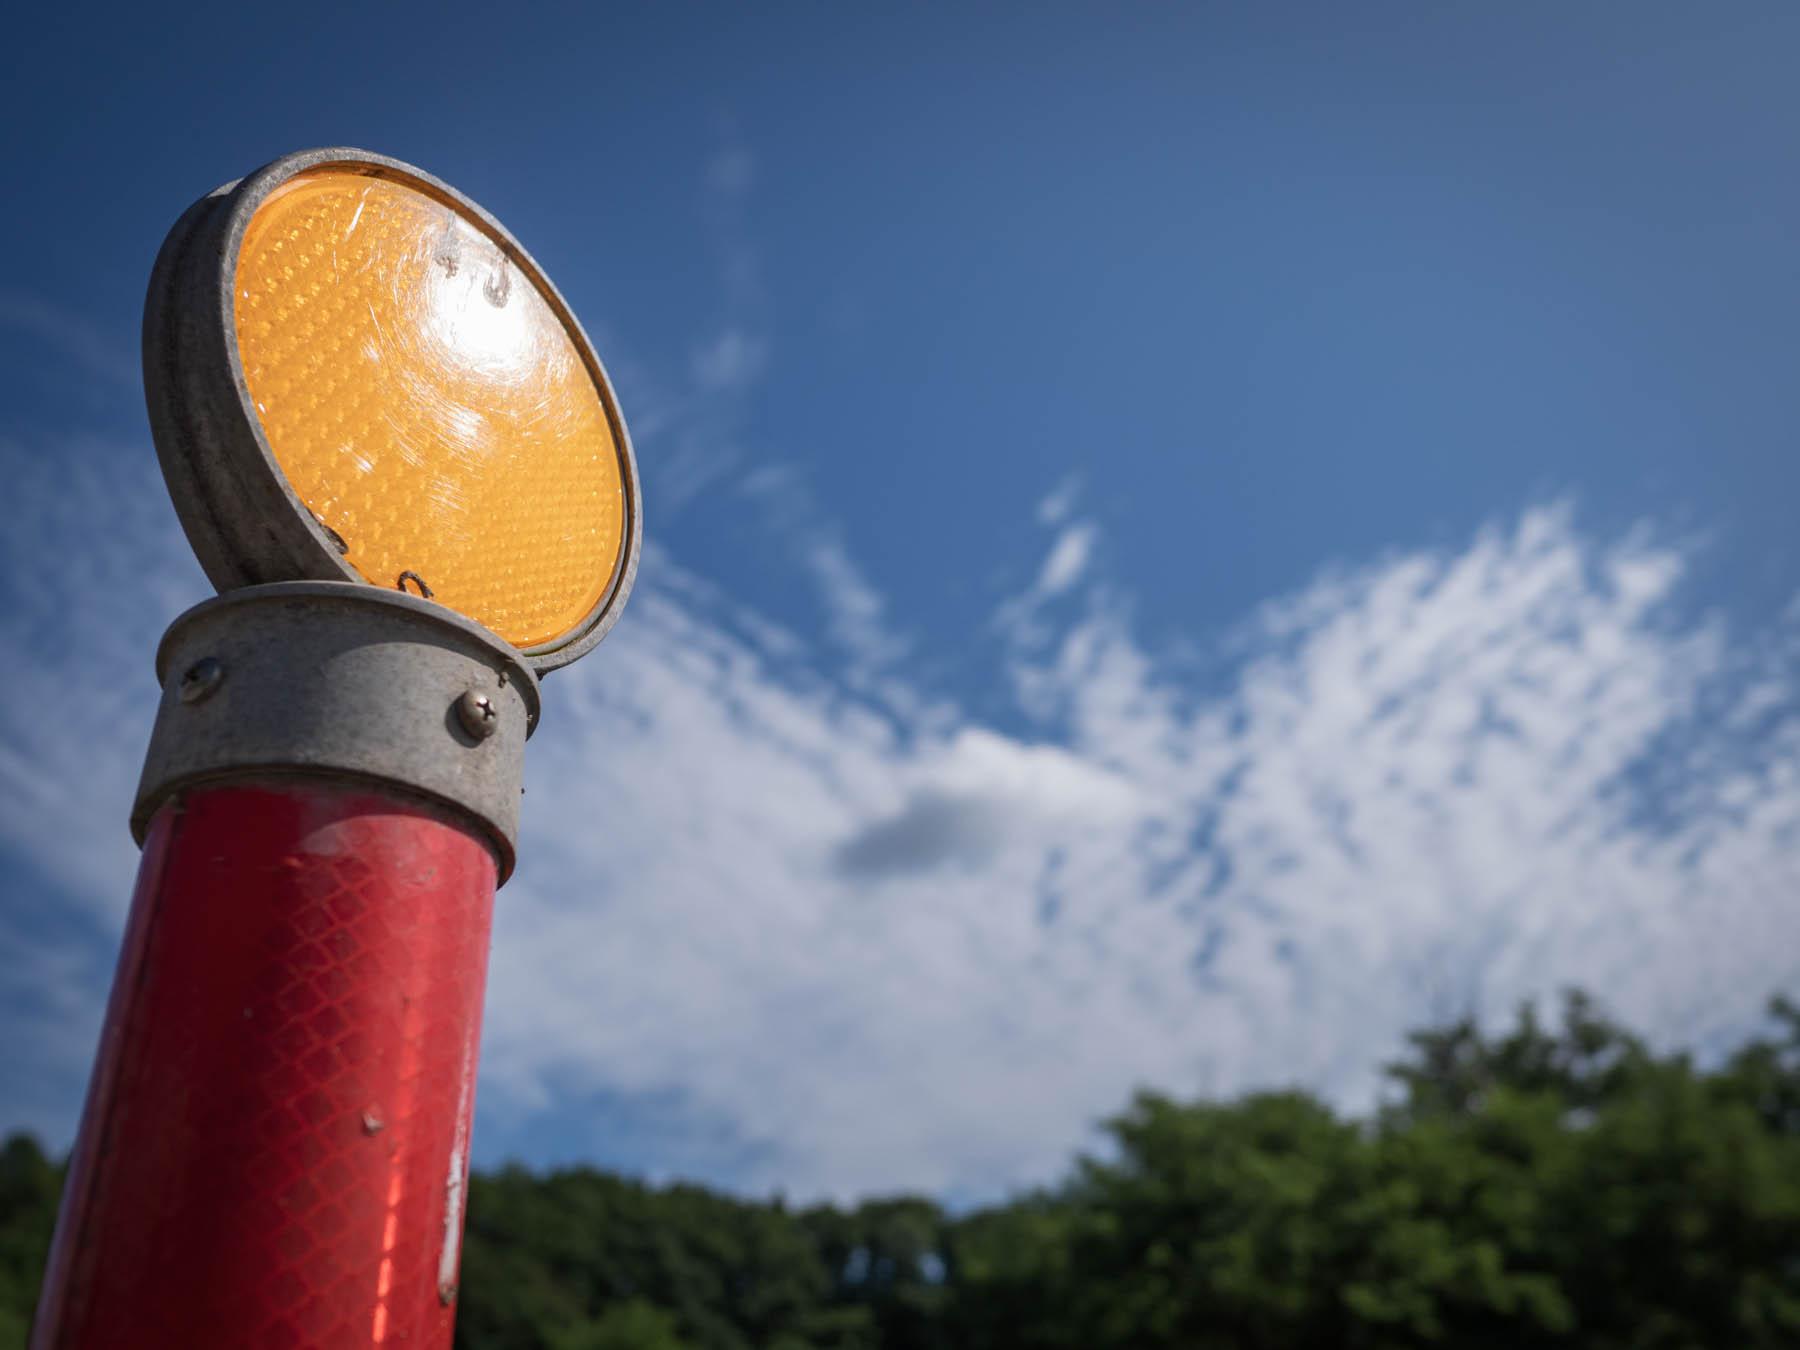 赤いポールと黄色い反射灯と青い空